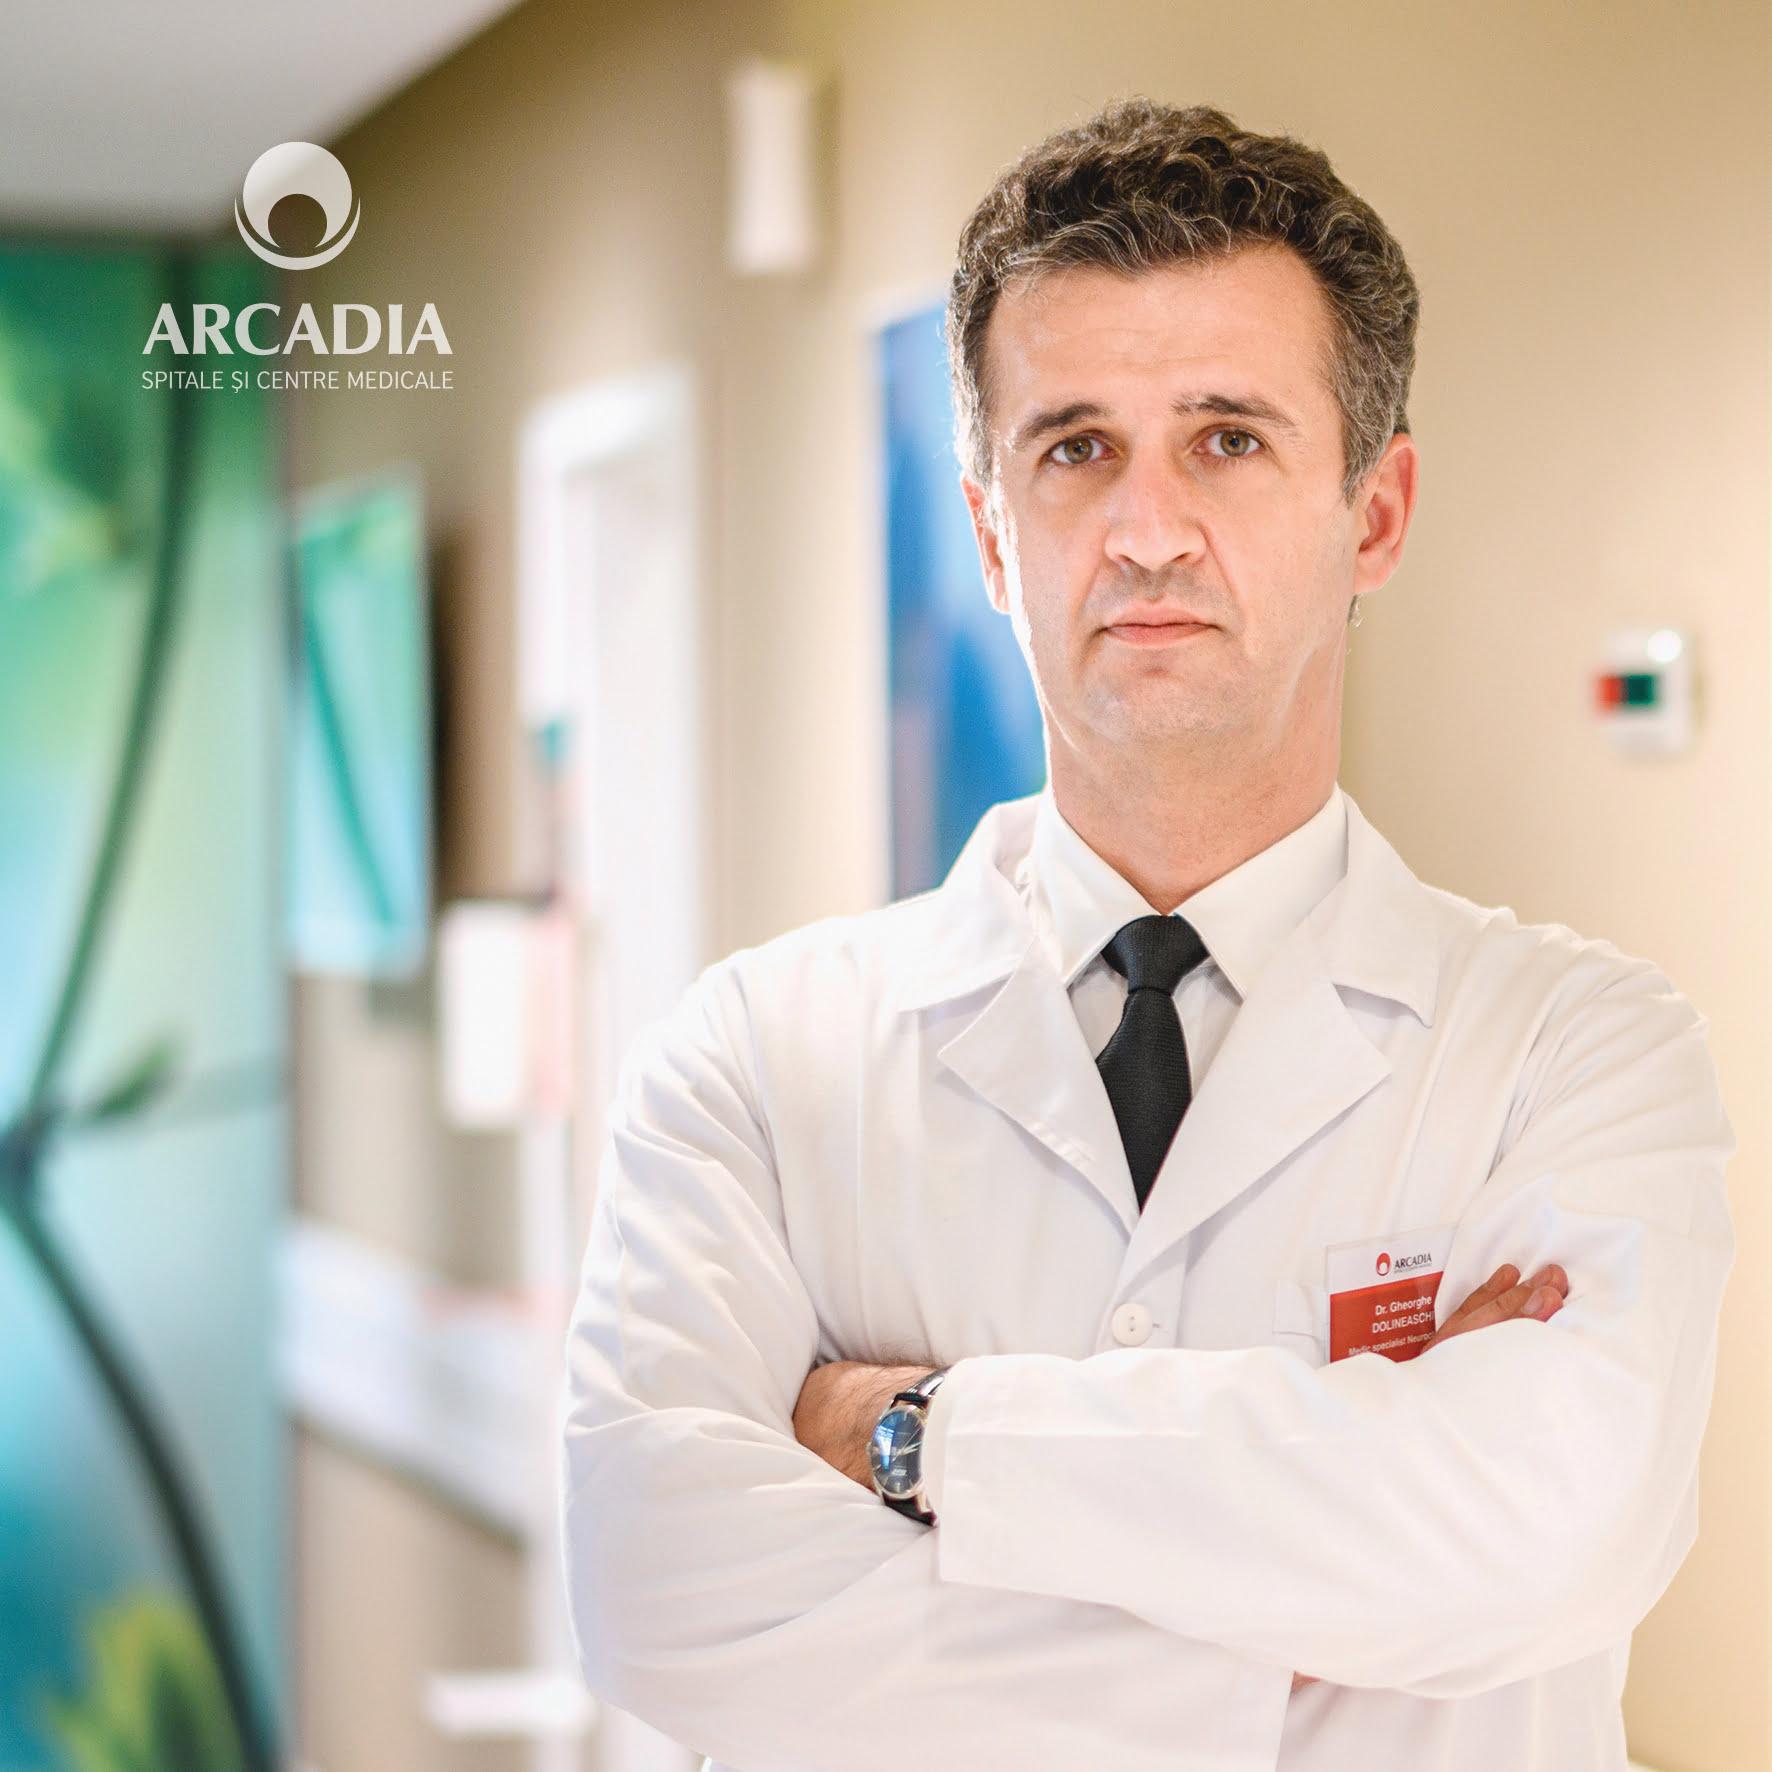 Cimentarea osoasă – tehnică minim invazivă de tratament pentru fracturile toraco-lombare